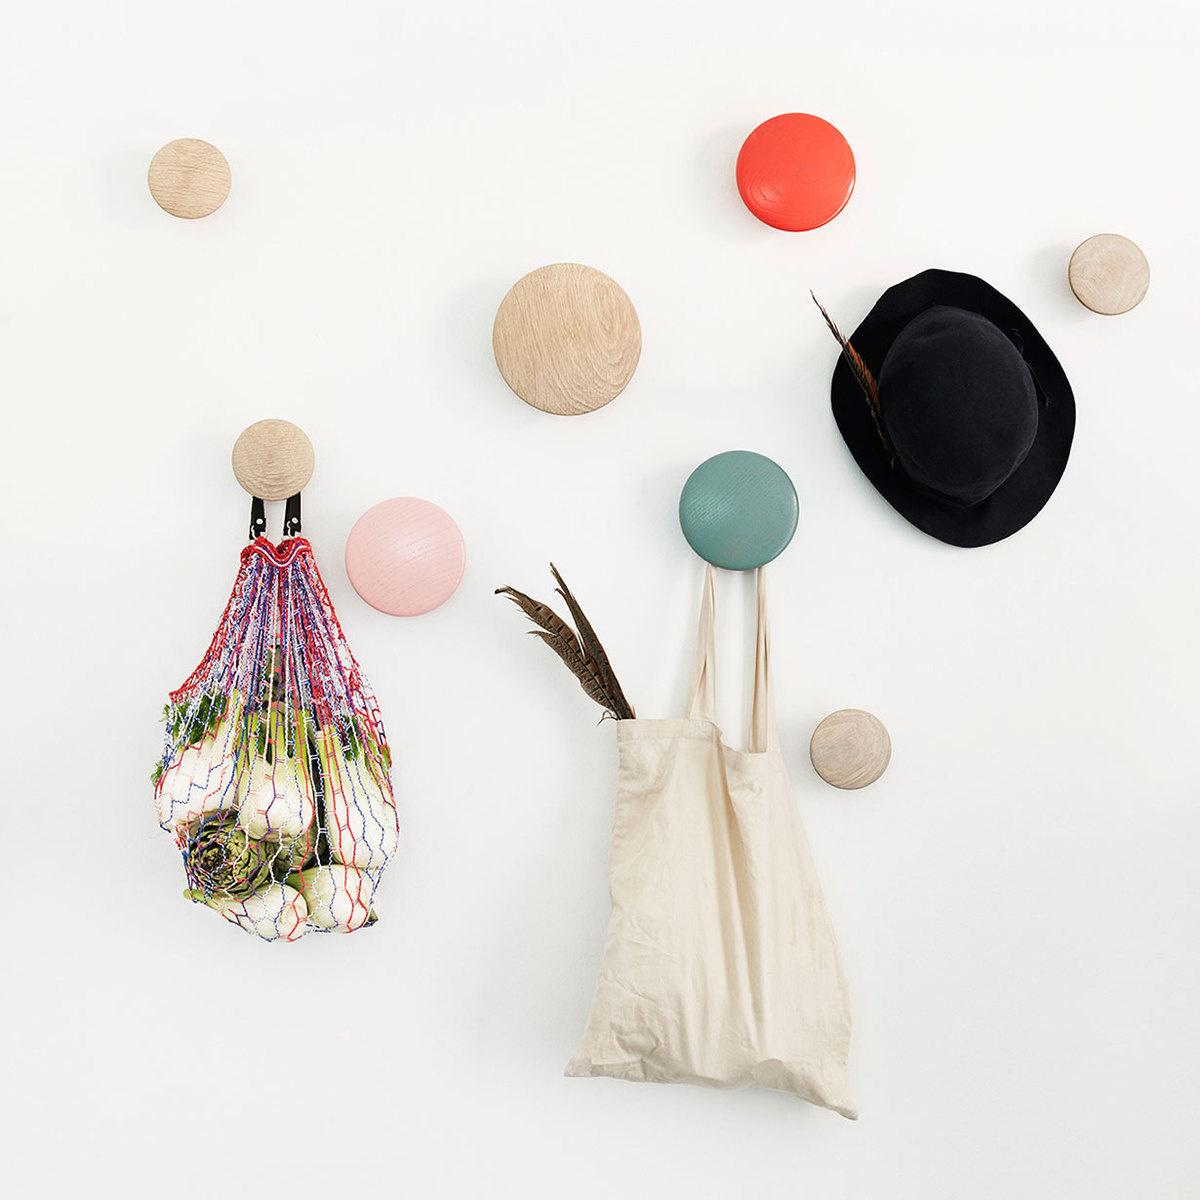 Pomelli Appendiabiti Colorati.Set Di Appendiabiti The Dots By Muuto Lovethesign